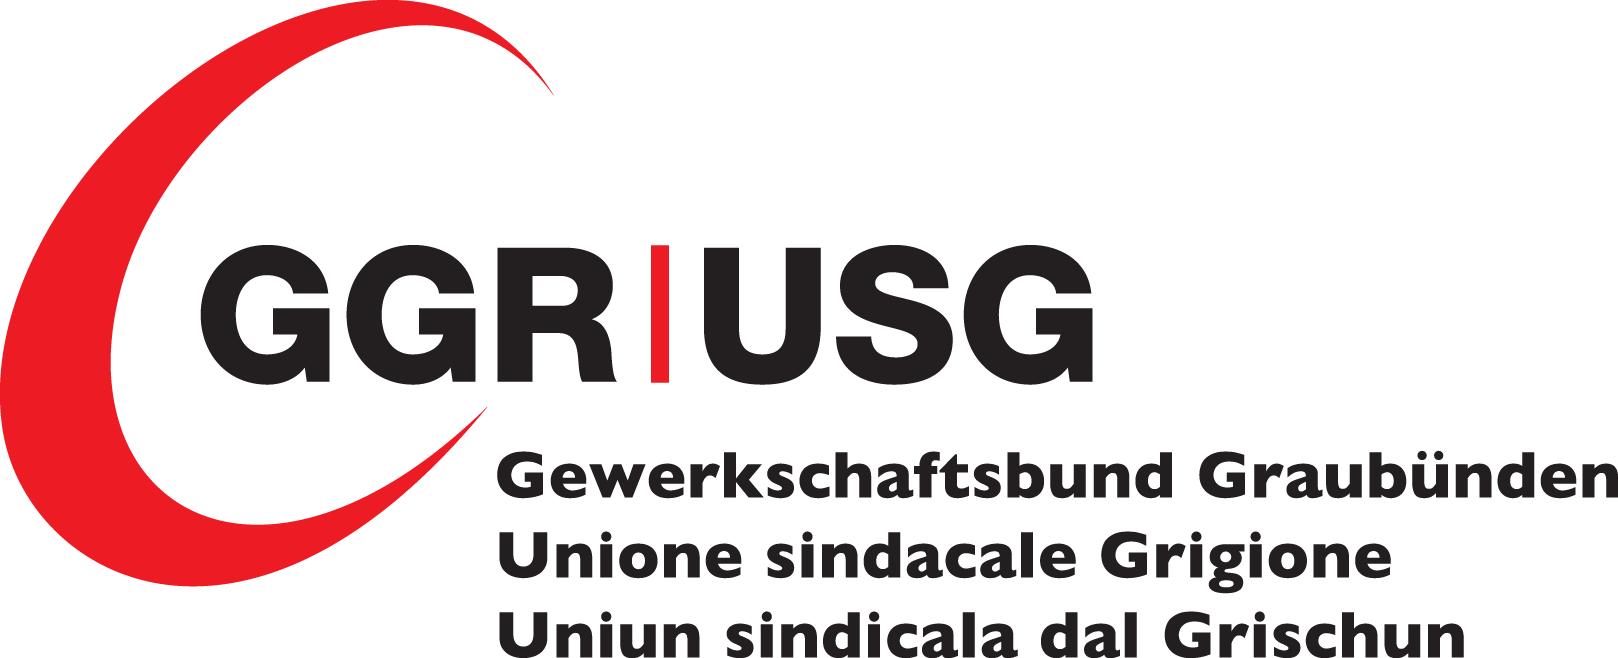 Gewerkschaftsbund Graubünden GGR | USG • Webseite  des Gewerkschaftsbundes Graubünden